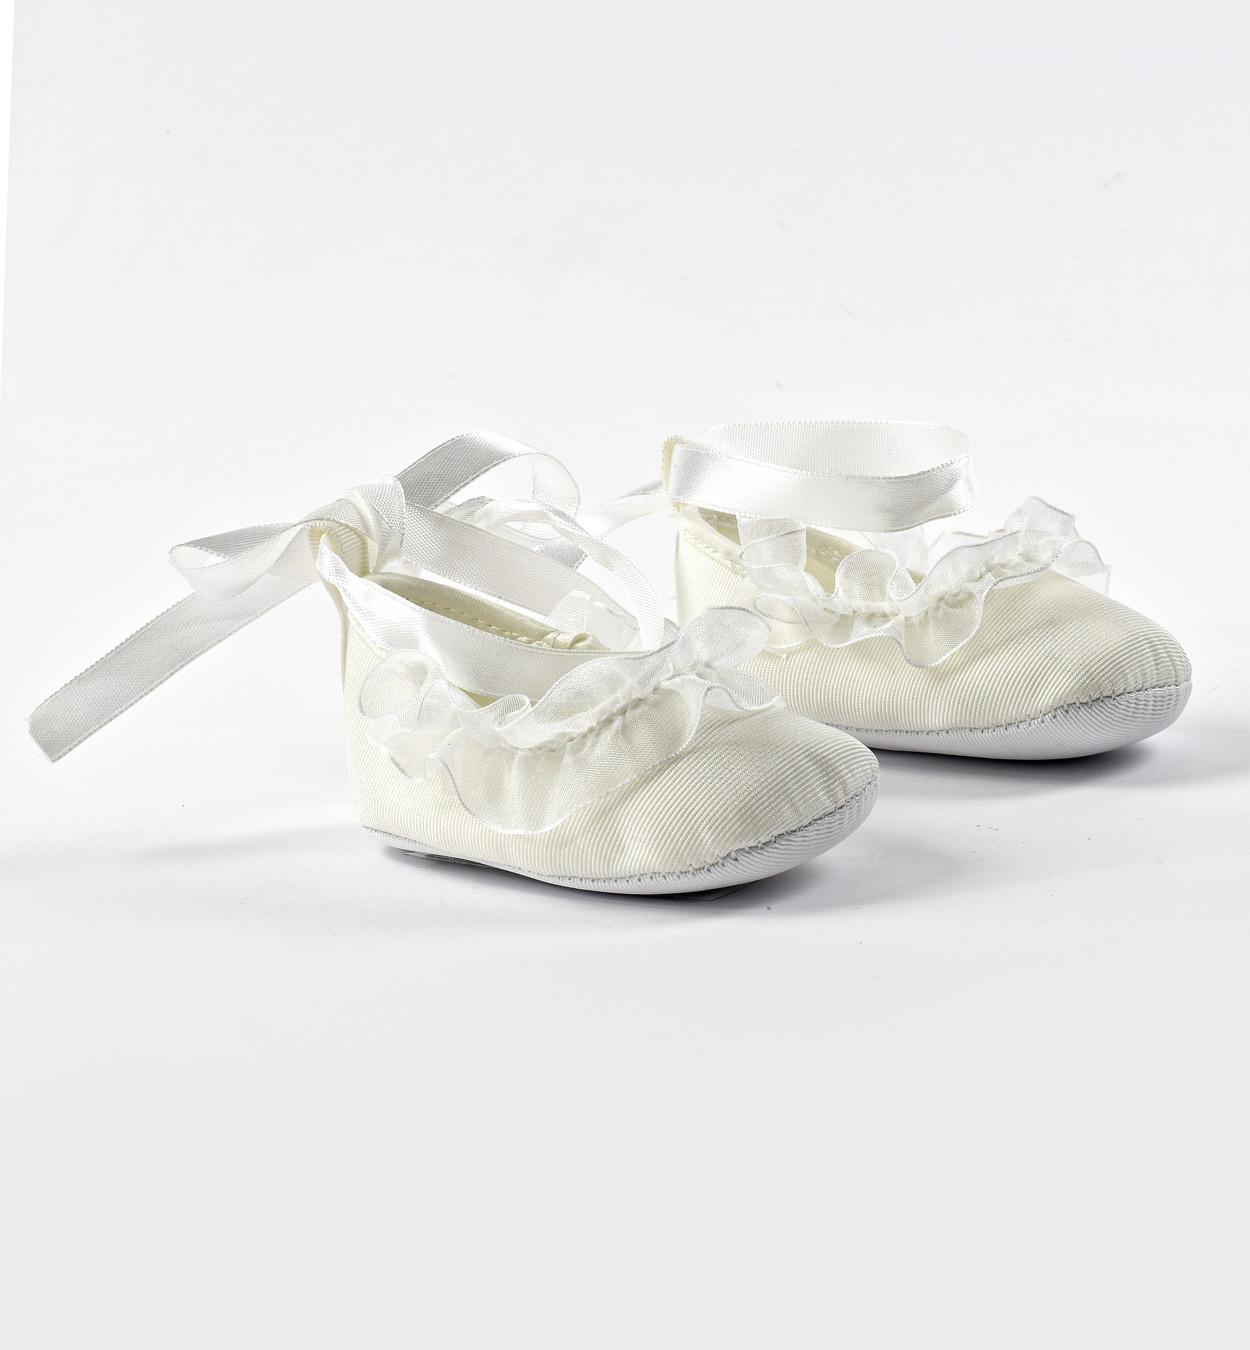 Újszülött kislány alkalmi fehér szandál keresztelőre